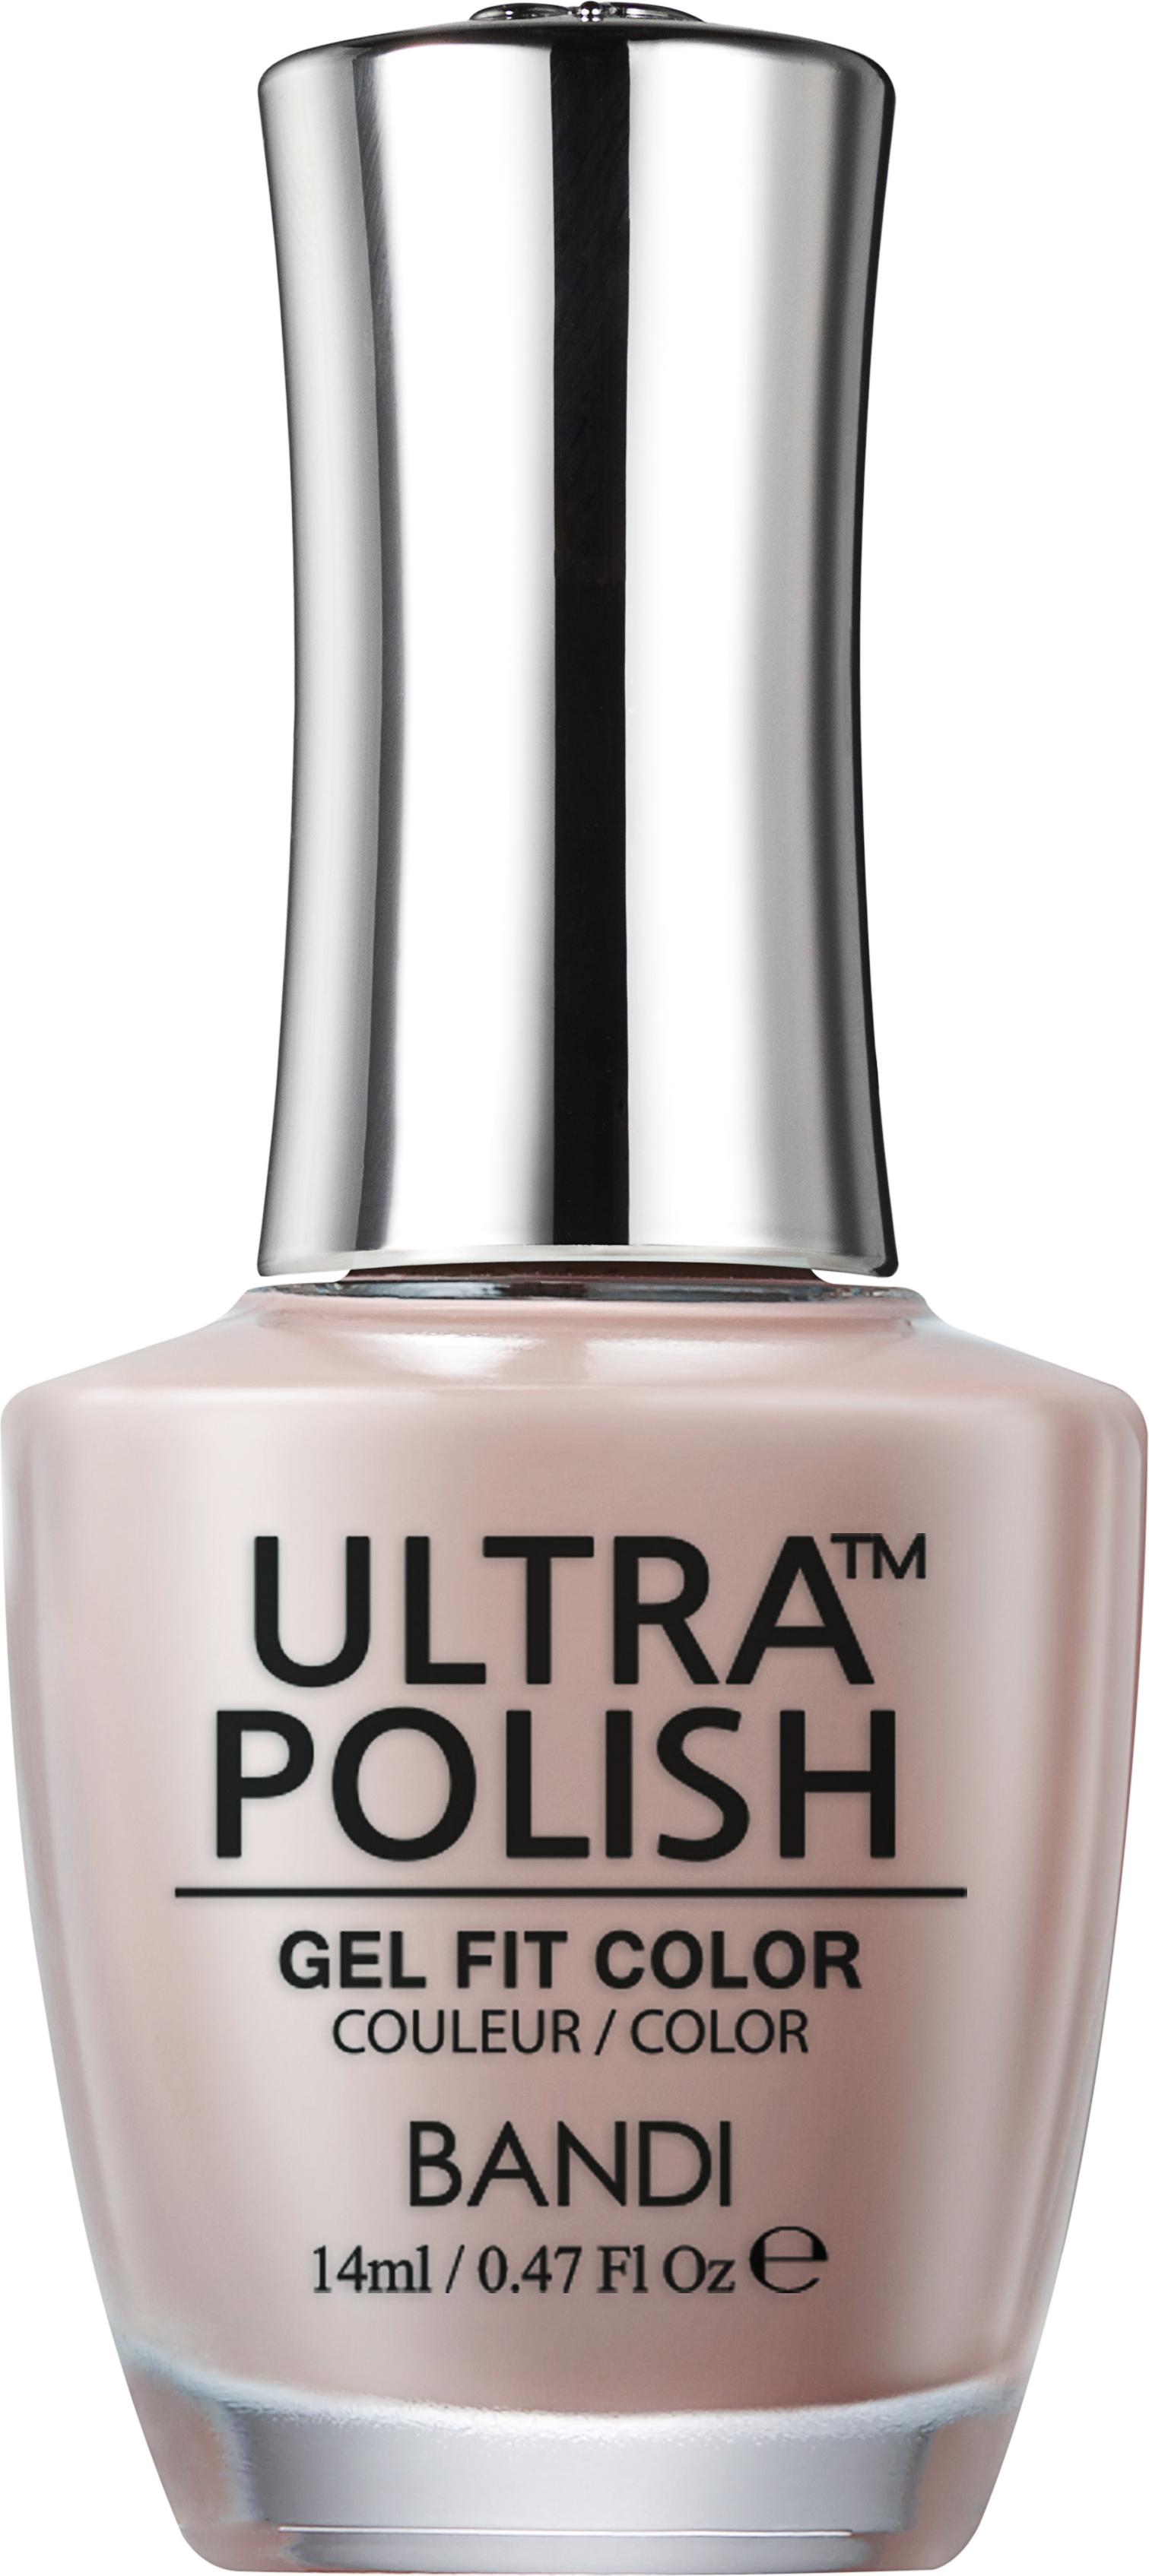 Купить BANDI UP204 ультра-покрытие долговременное цветное для ногтей / ULTRA POLISH GEL FIT COLOR 14 мл, Коричневые